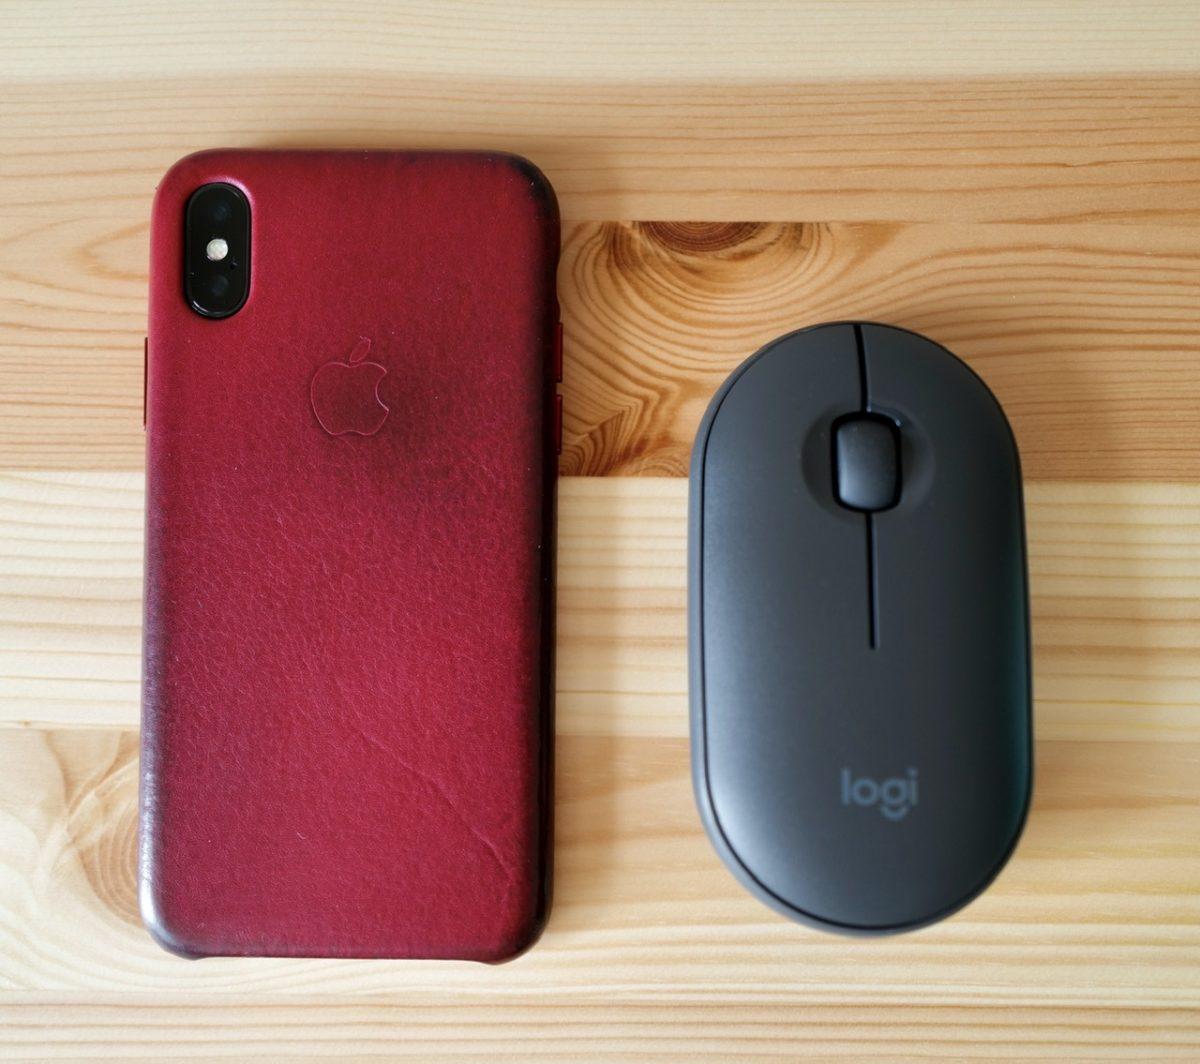 iPhone Xとロジクール m350